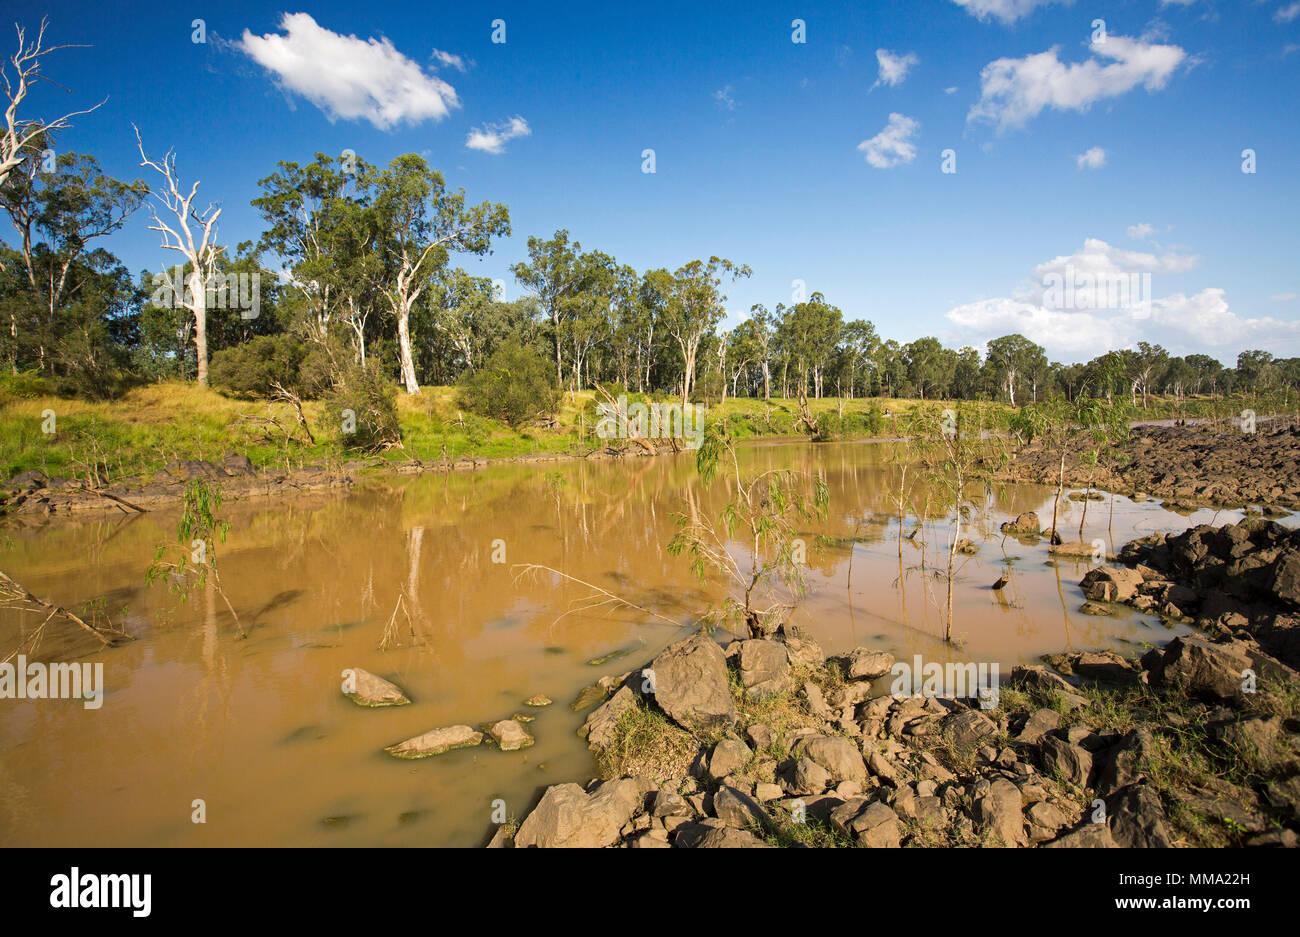 Paesaggio colorato con calma le acque del fiume Fitzroy orlati con alberi di alto fusto e smeraldo di erba sotto il cielo blu del Queensland centrale Australia Immagini Stock